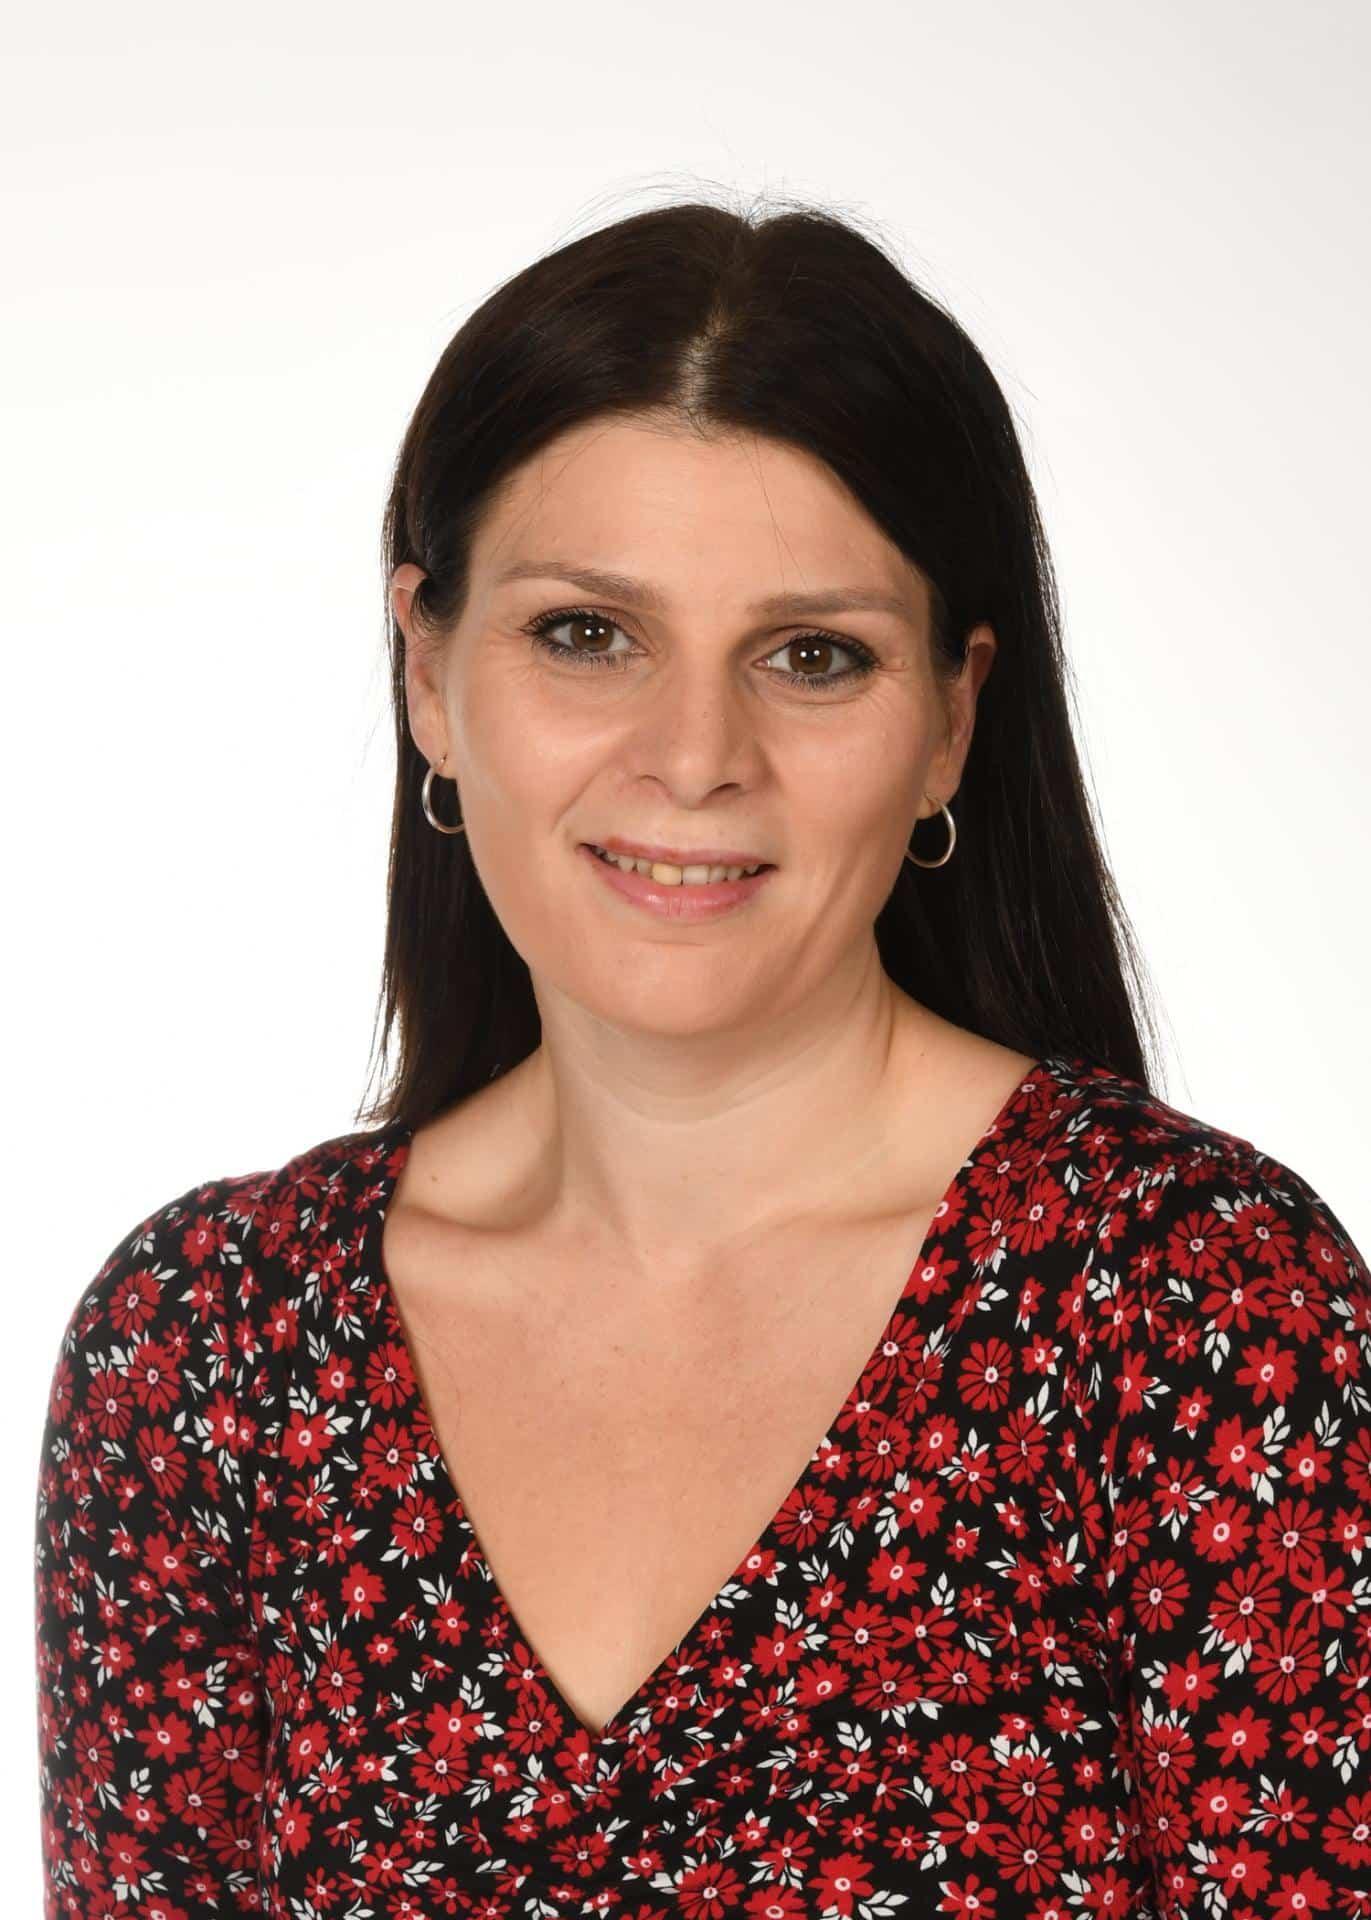 Sabrina Forey